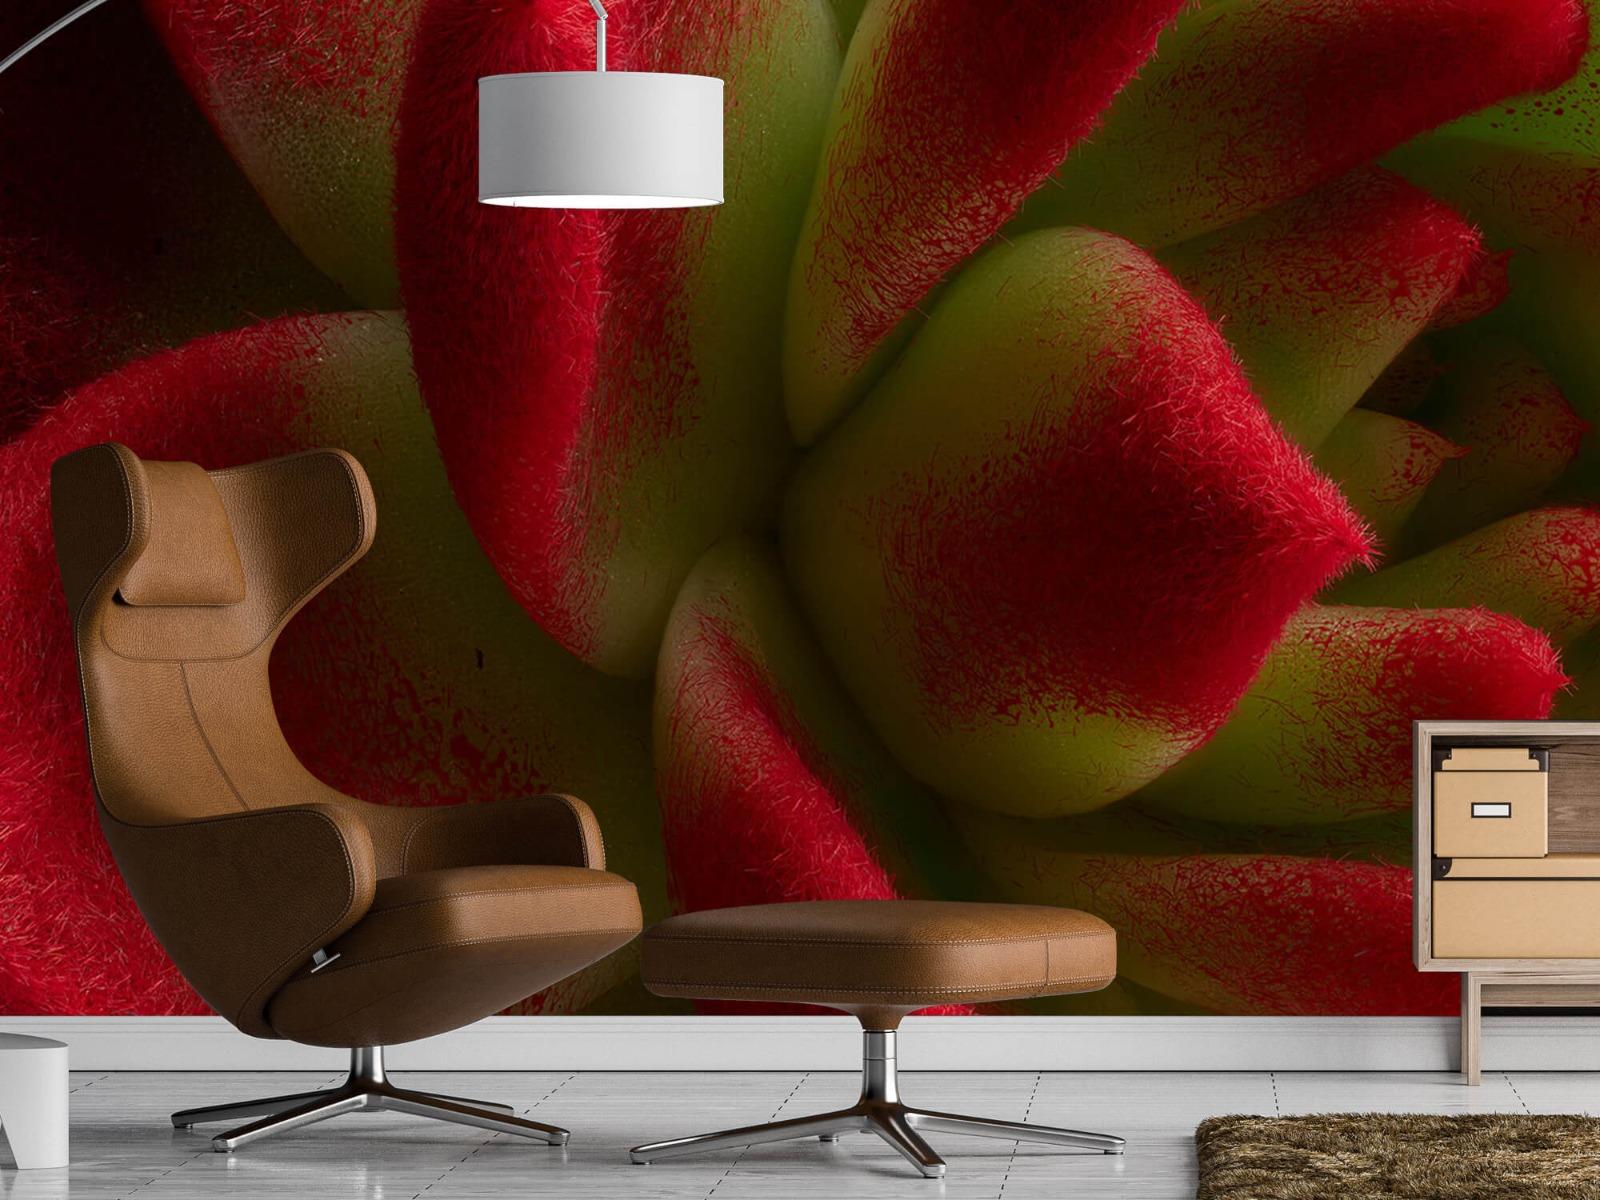 Overige - Rode cactus - Slaapkamer 19